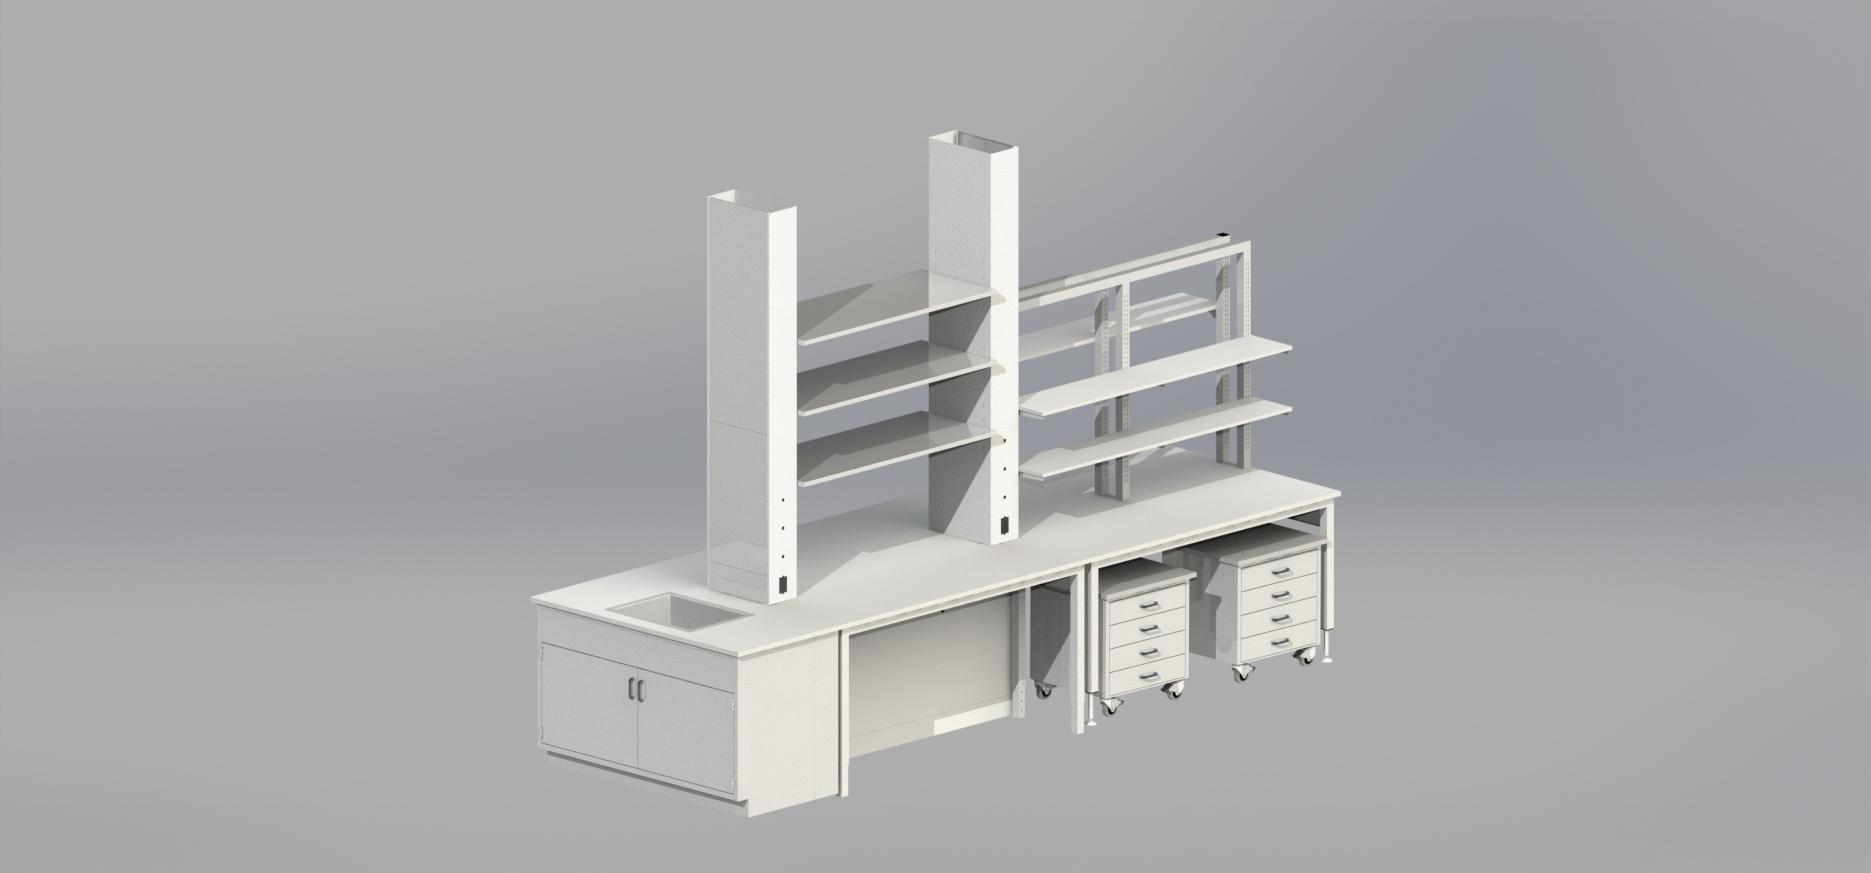 I-Lab Casework & Umblical Assembly - 4, Sketch.JPG